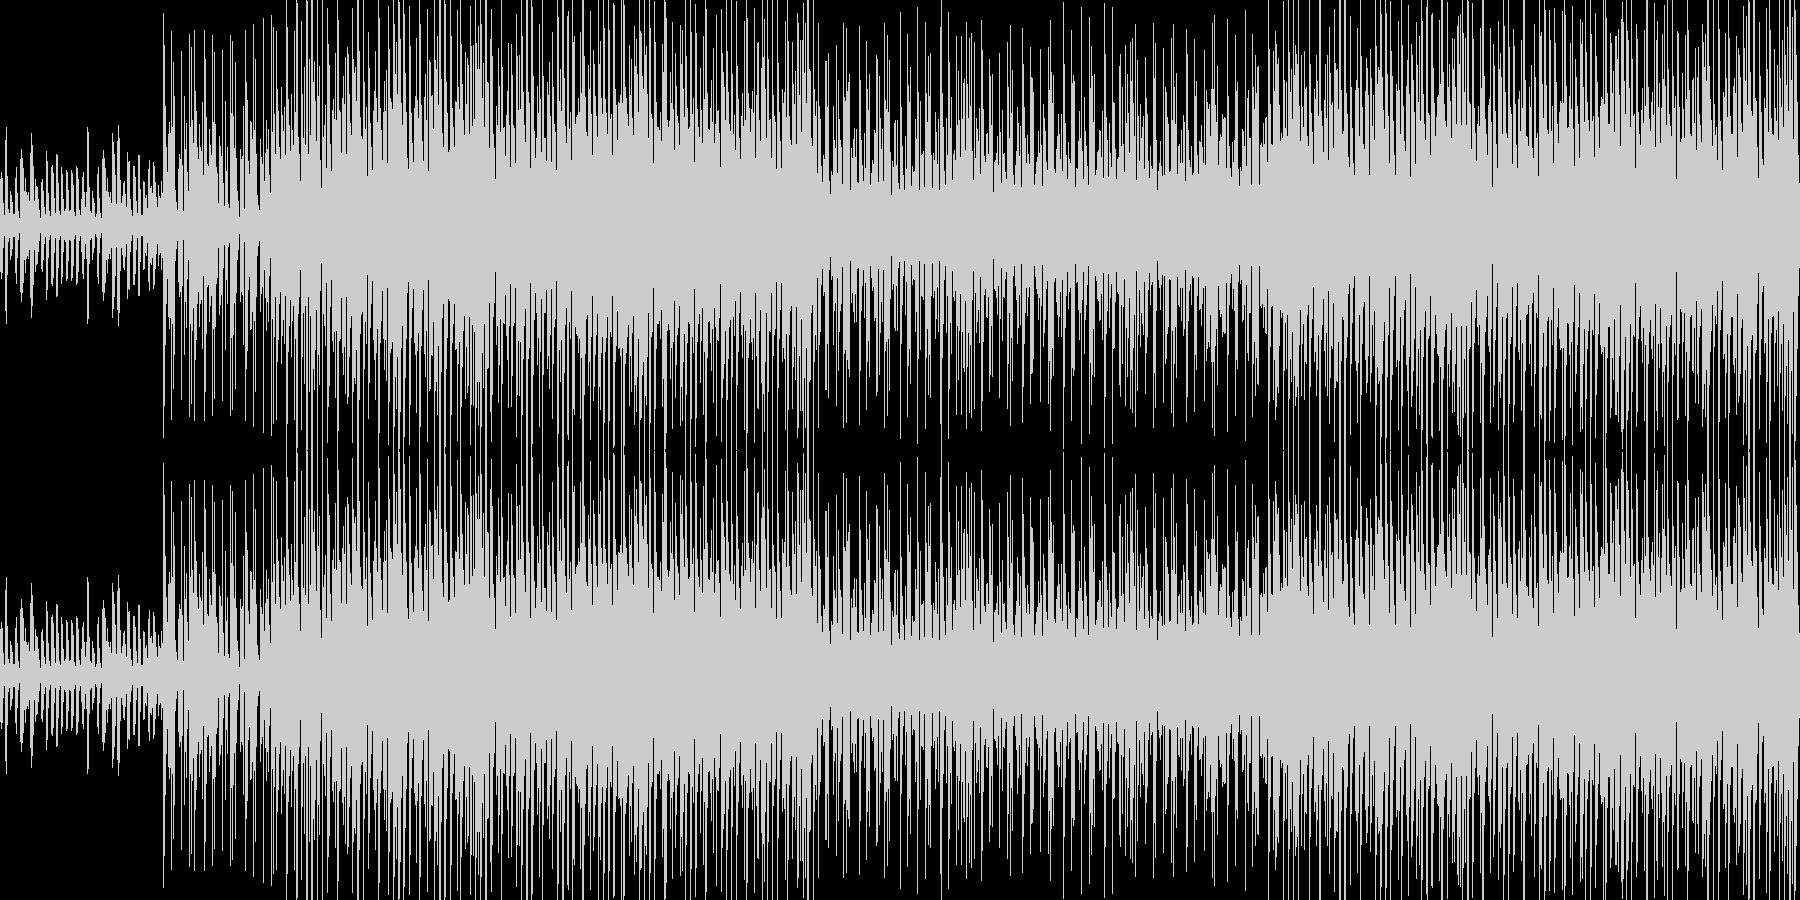 かわいくて元気でテンポ良がい曲;ループの未再生の波形